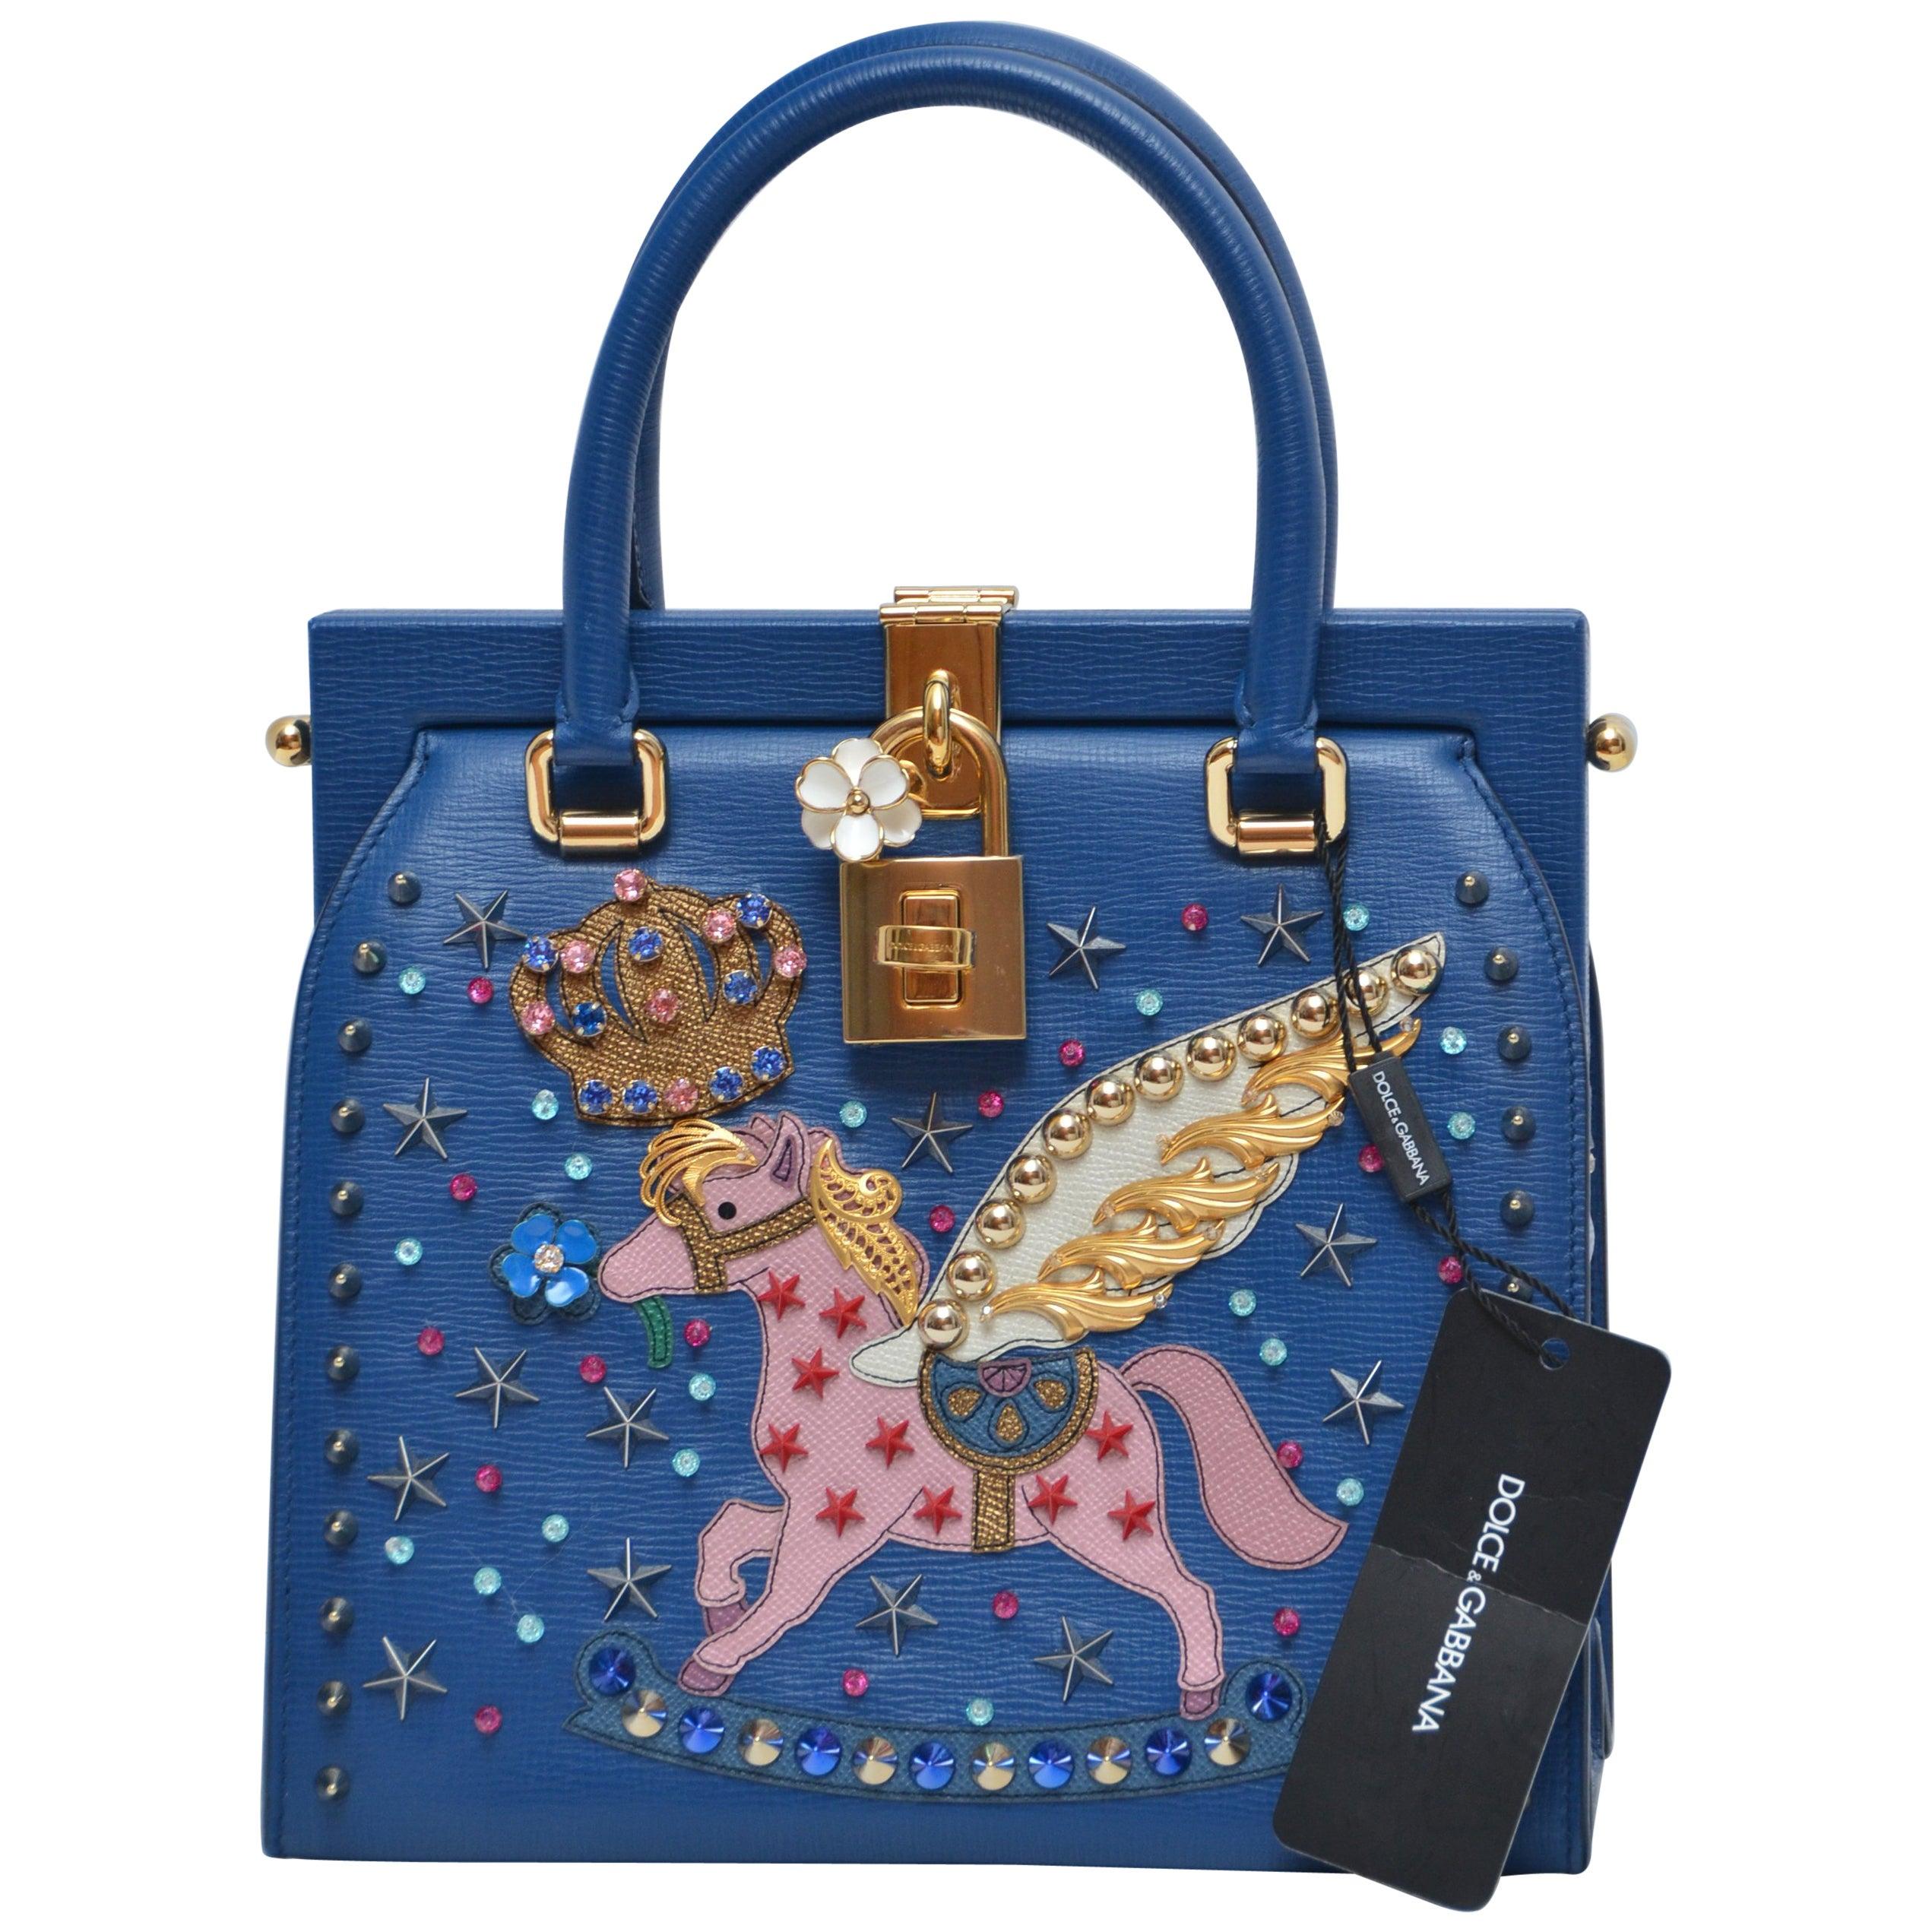 1e3d3bb3d07 Rare Dolce and Gabbana Pegasus Pomellato Runway Handbag NEW at 1stdibs